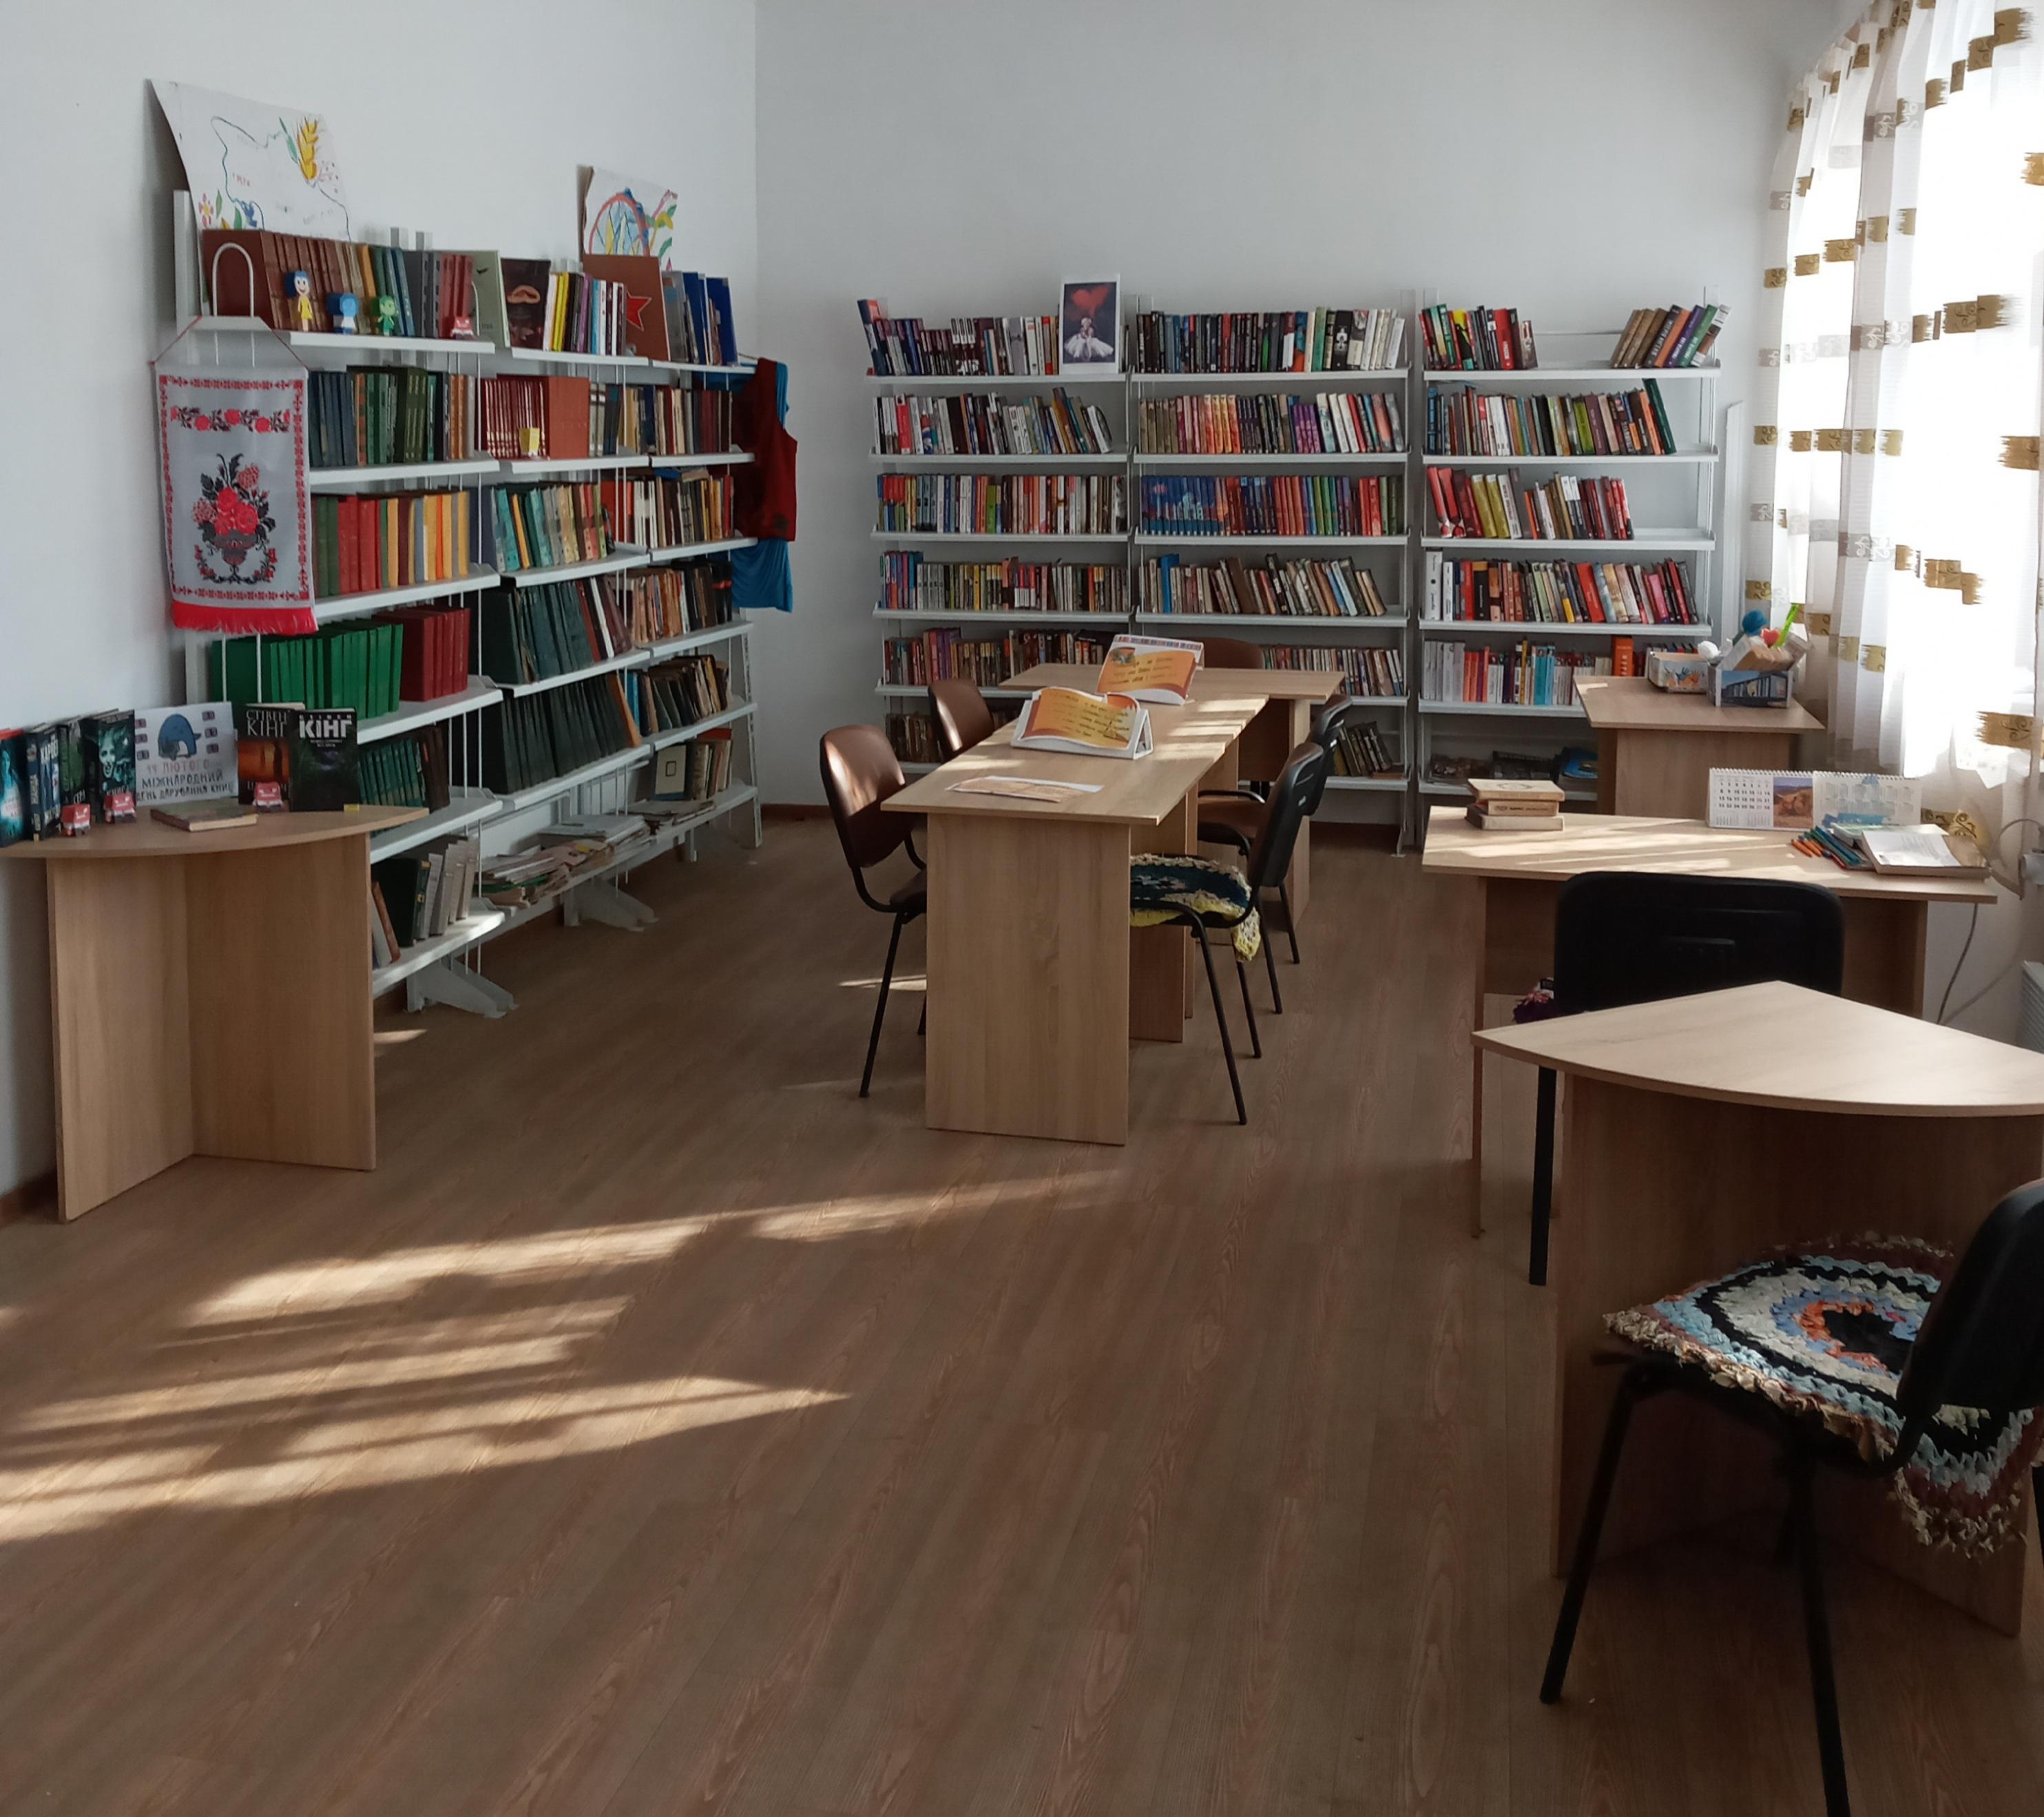 Бібліотека-філія села Улянівка Попельнастівської сільської ради